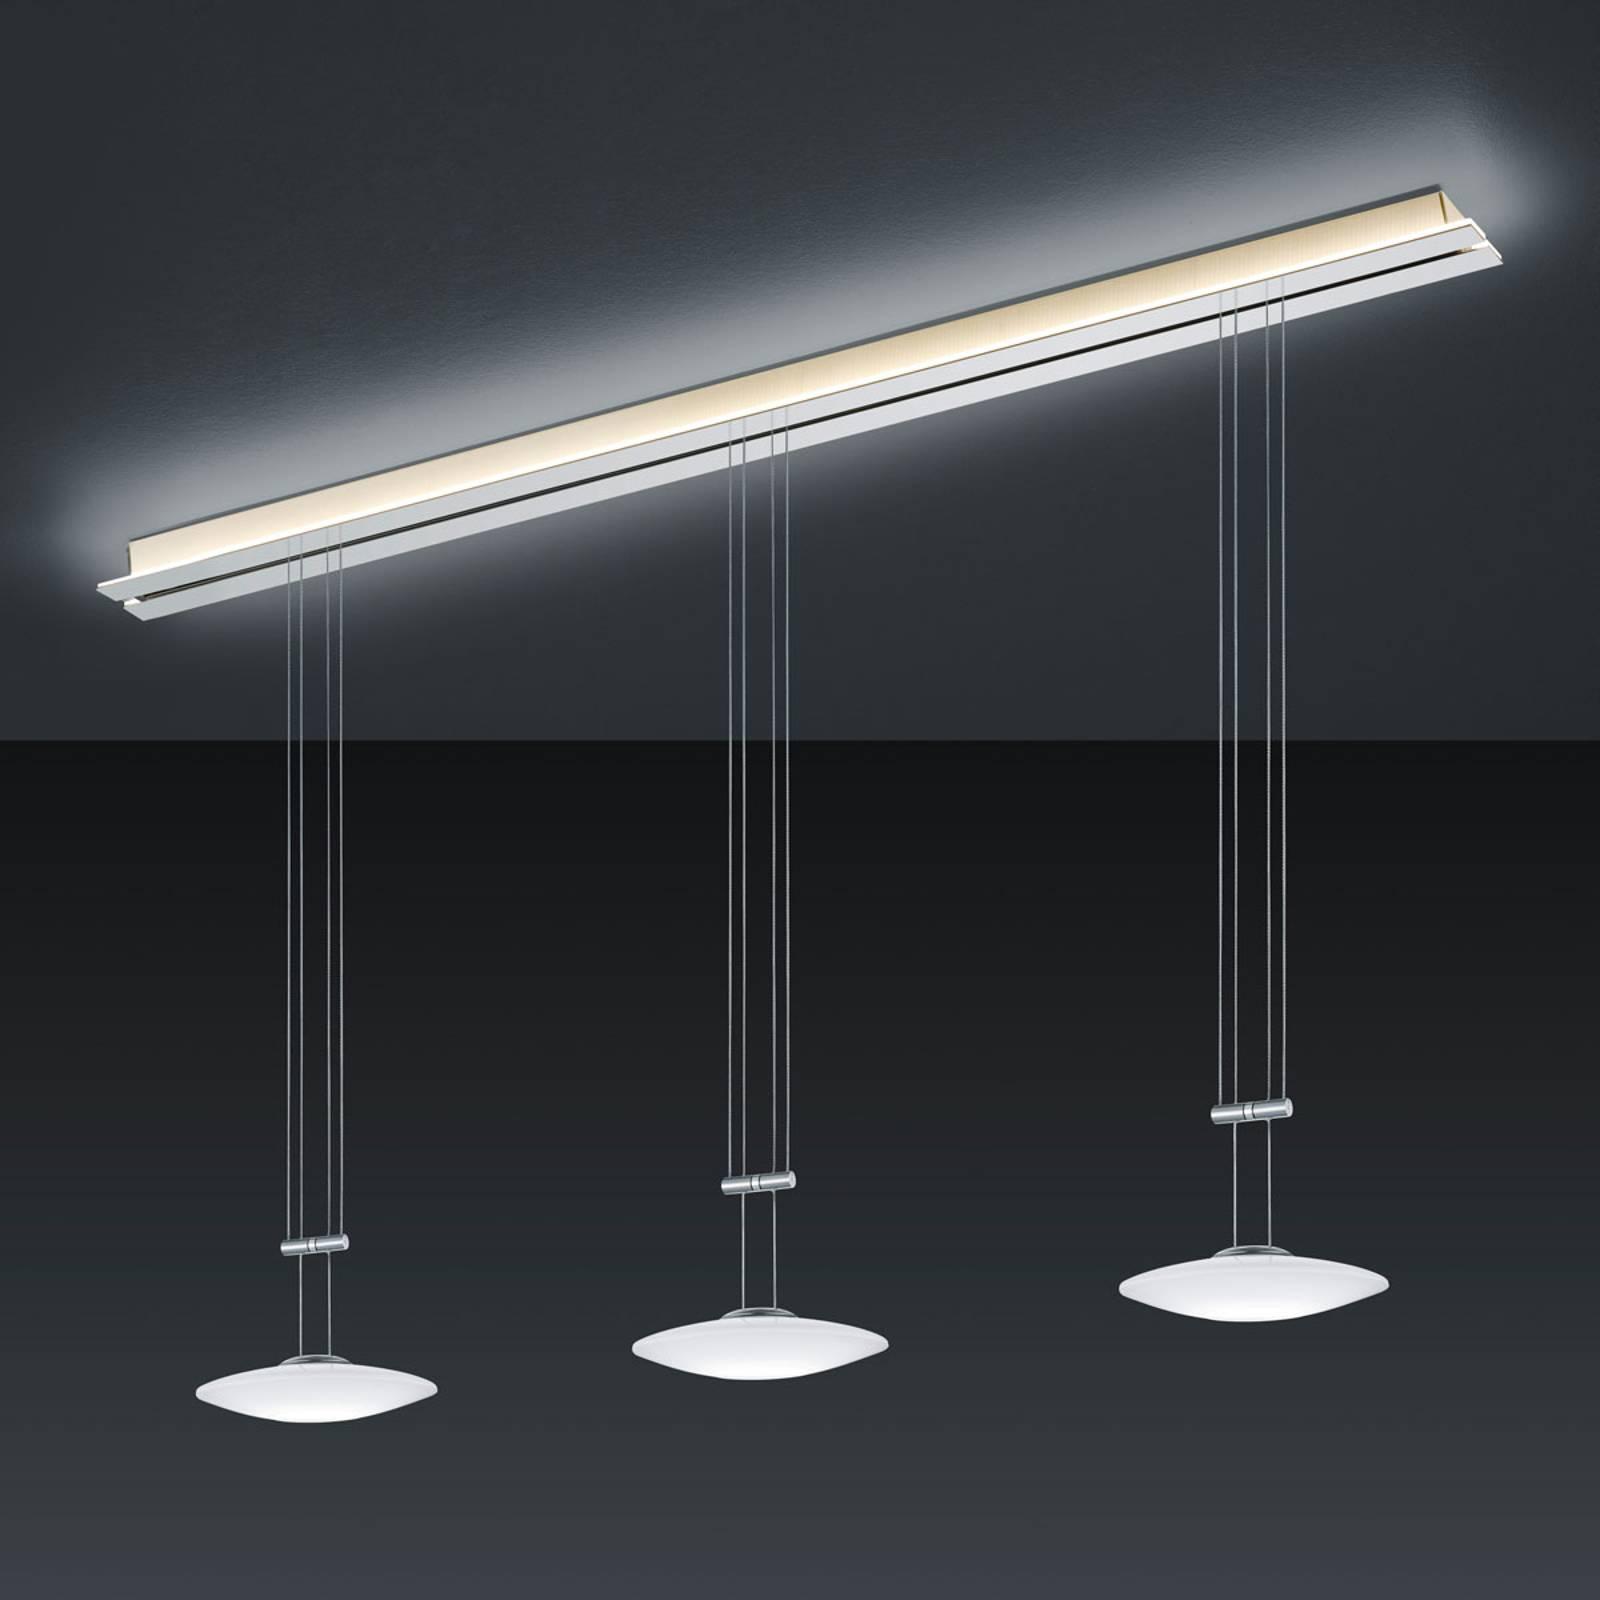 BANKAMP Strada Orbit lampada sospensione a 3 luci